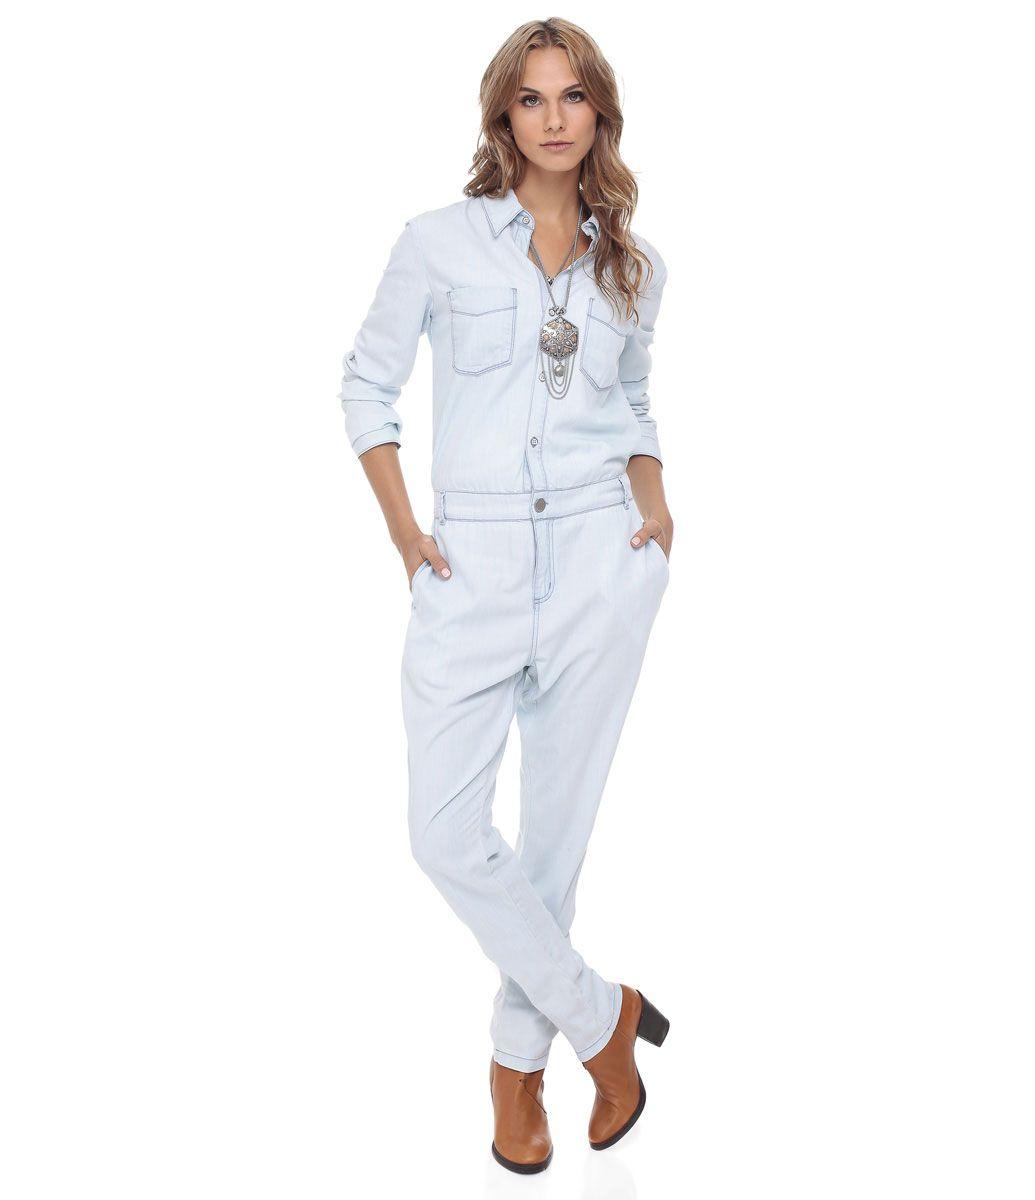 719869afa Macacão feminino Manga longa Com bolsos Cós com passantes Marca  Marfinno  Tecido  Jeans Composição  100% algodão Modelo veste tamanho  P COLEÇÃO  INVERNO ...